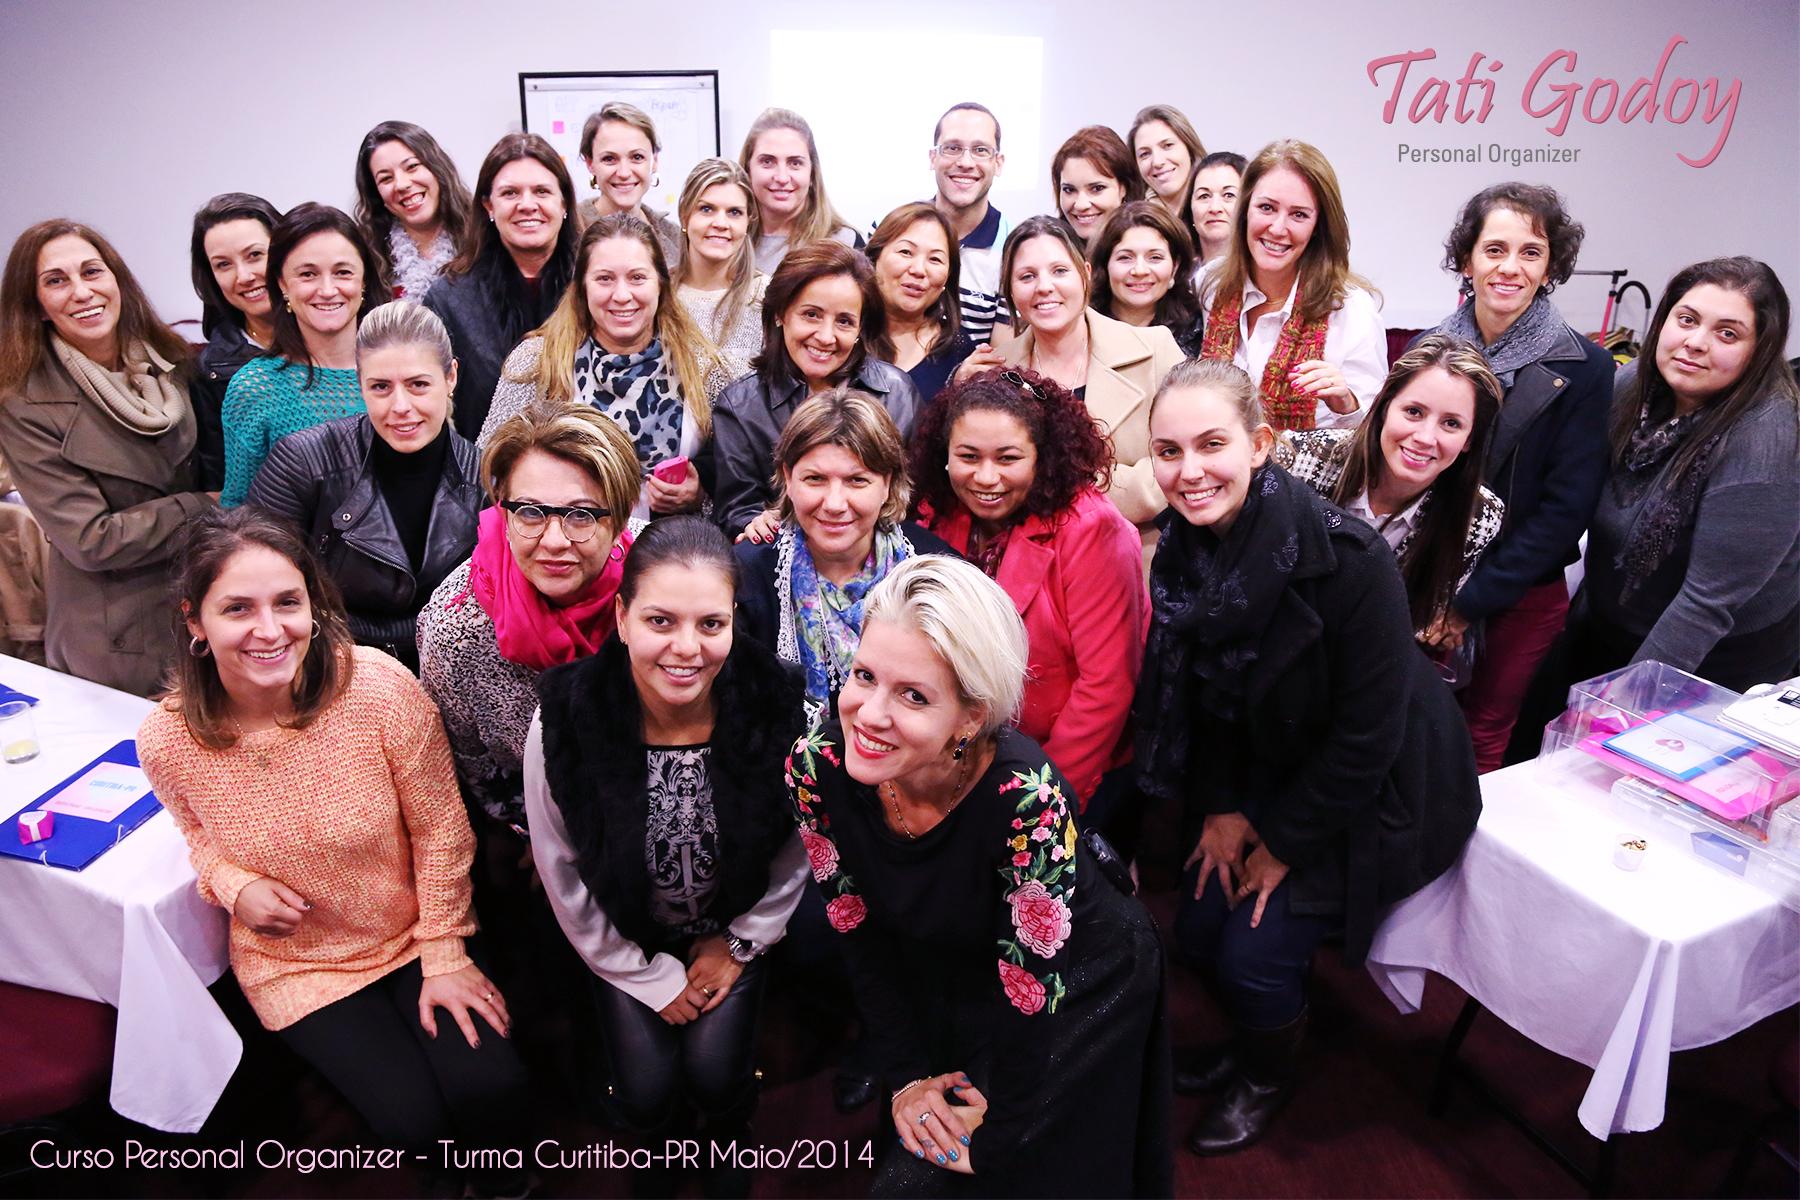 2ª Edição - Turma de maio de 2014 do Curso Personal Organizer em Curitiba